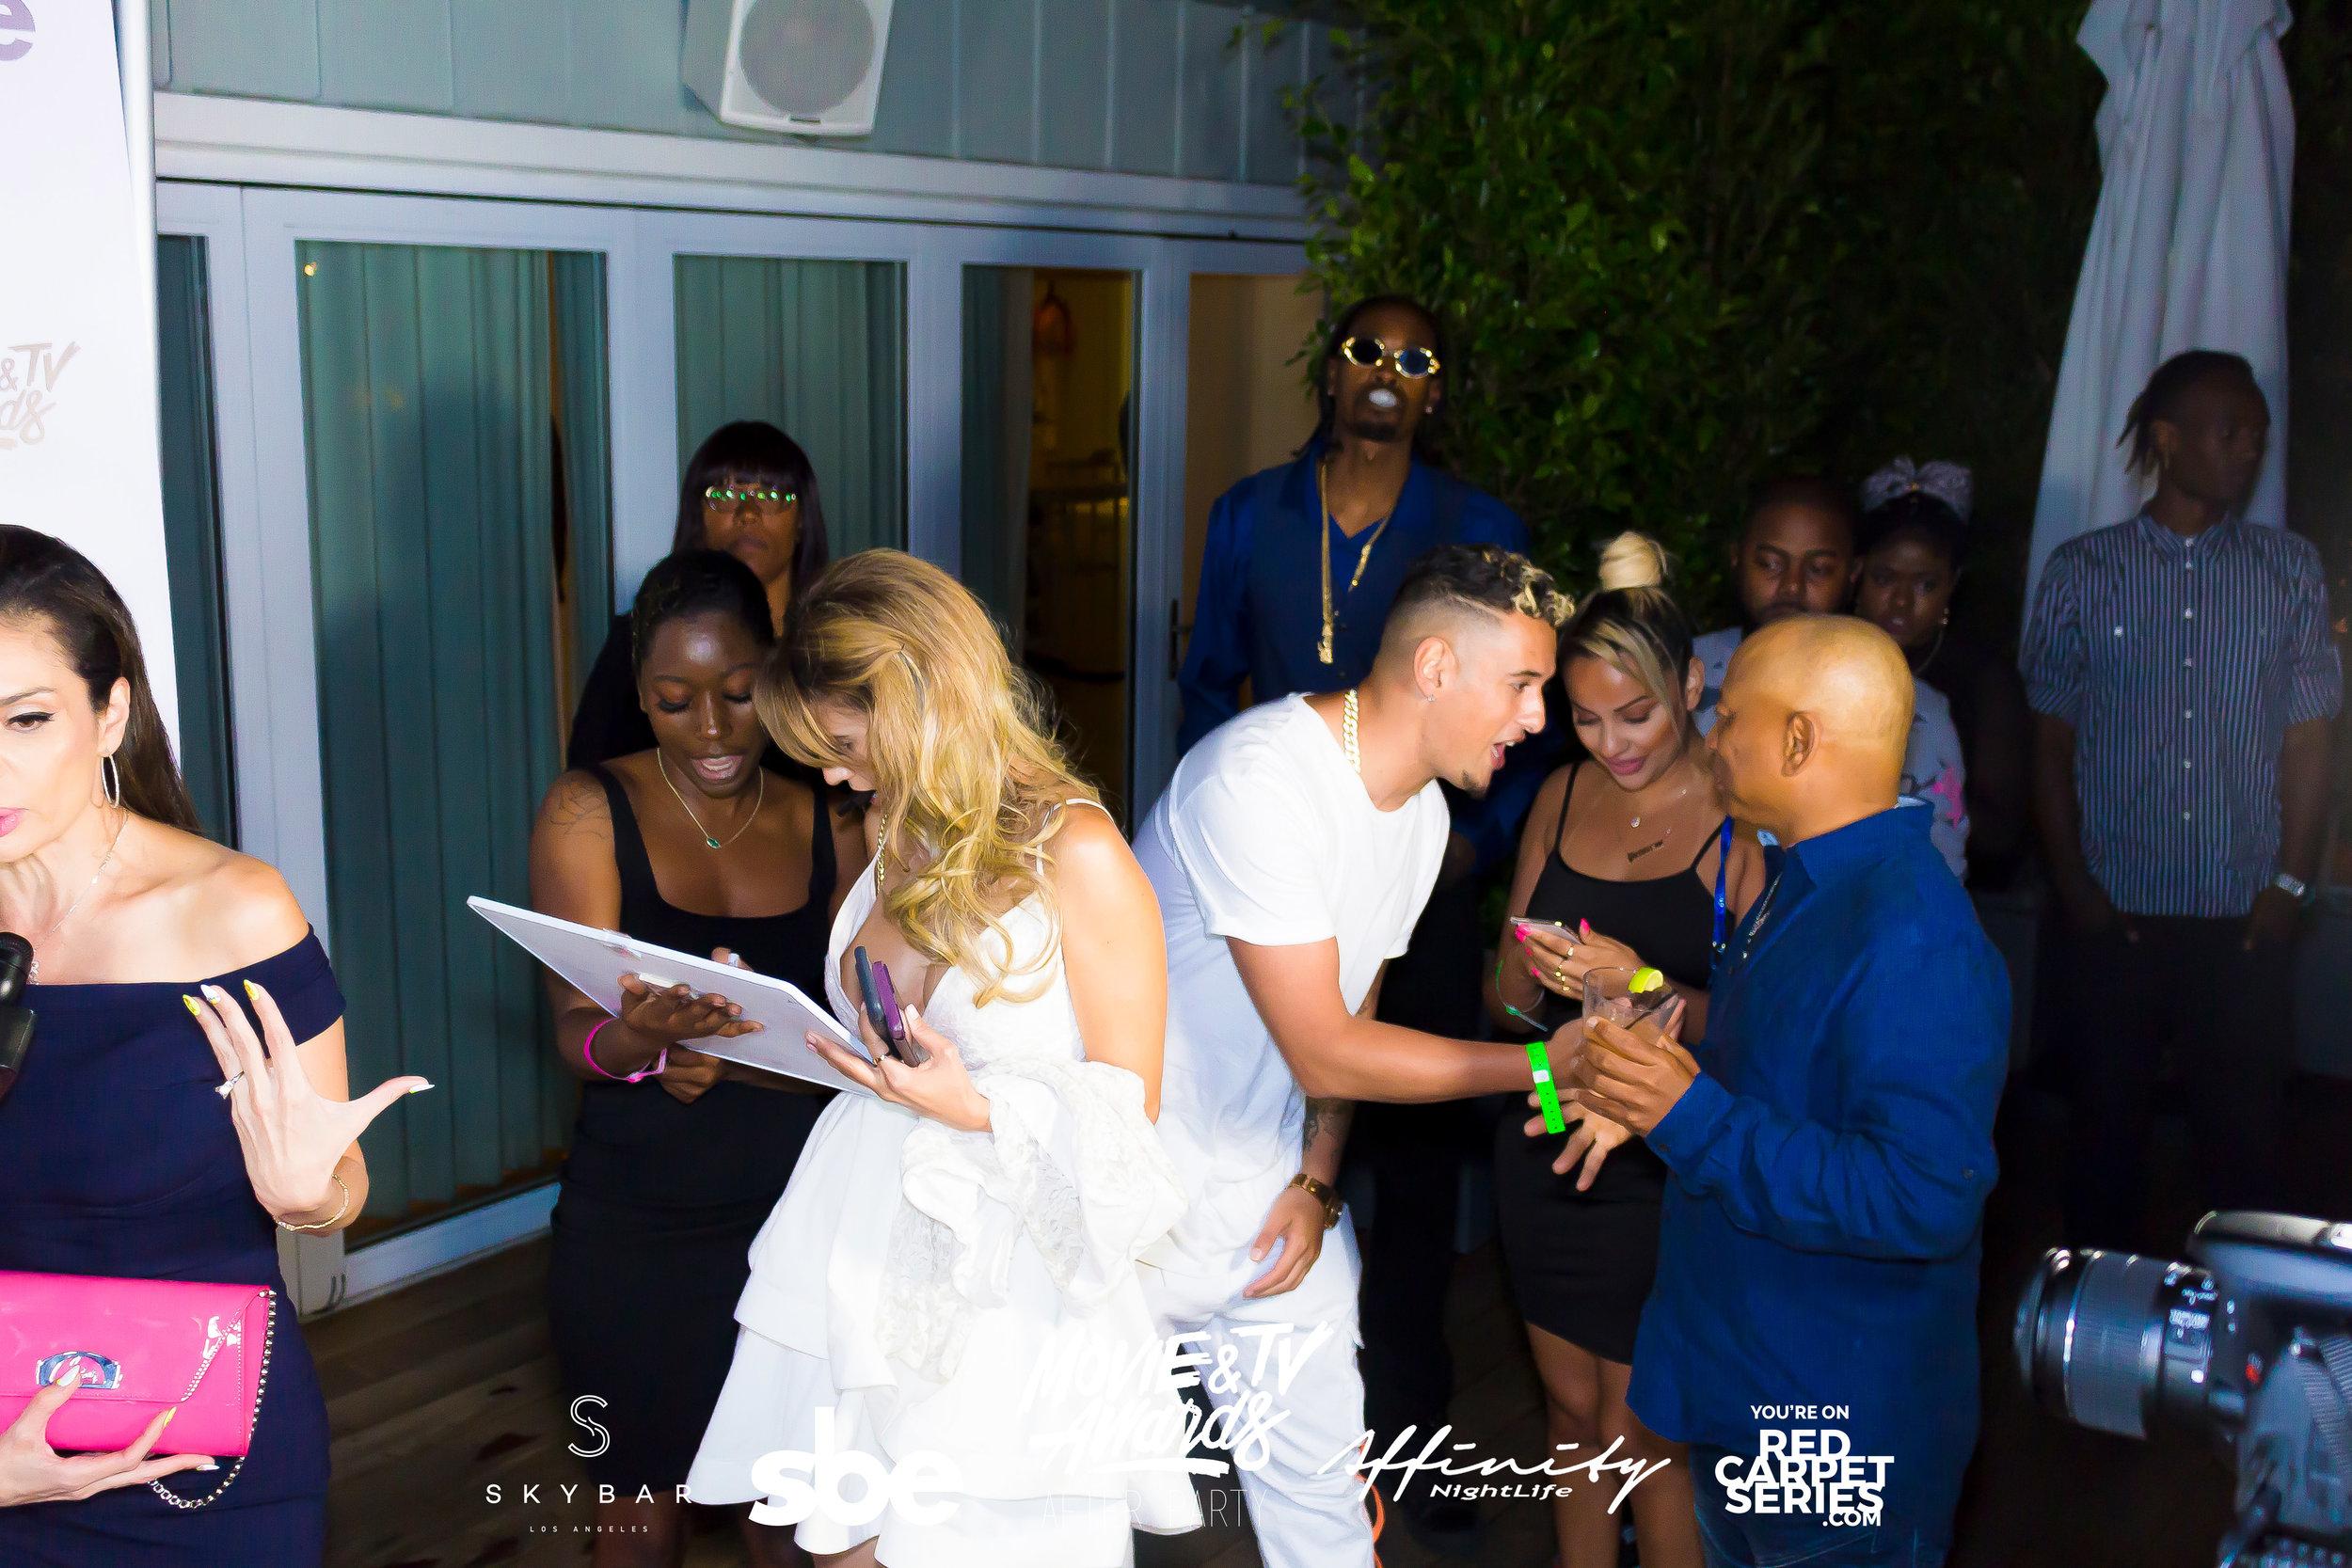 Affinity Nightlife MTV Movie & TV Awards After Party - Skybar at Mondrian - 06-15-19 - Vol. 1_84.jpg